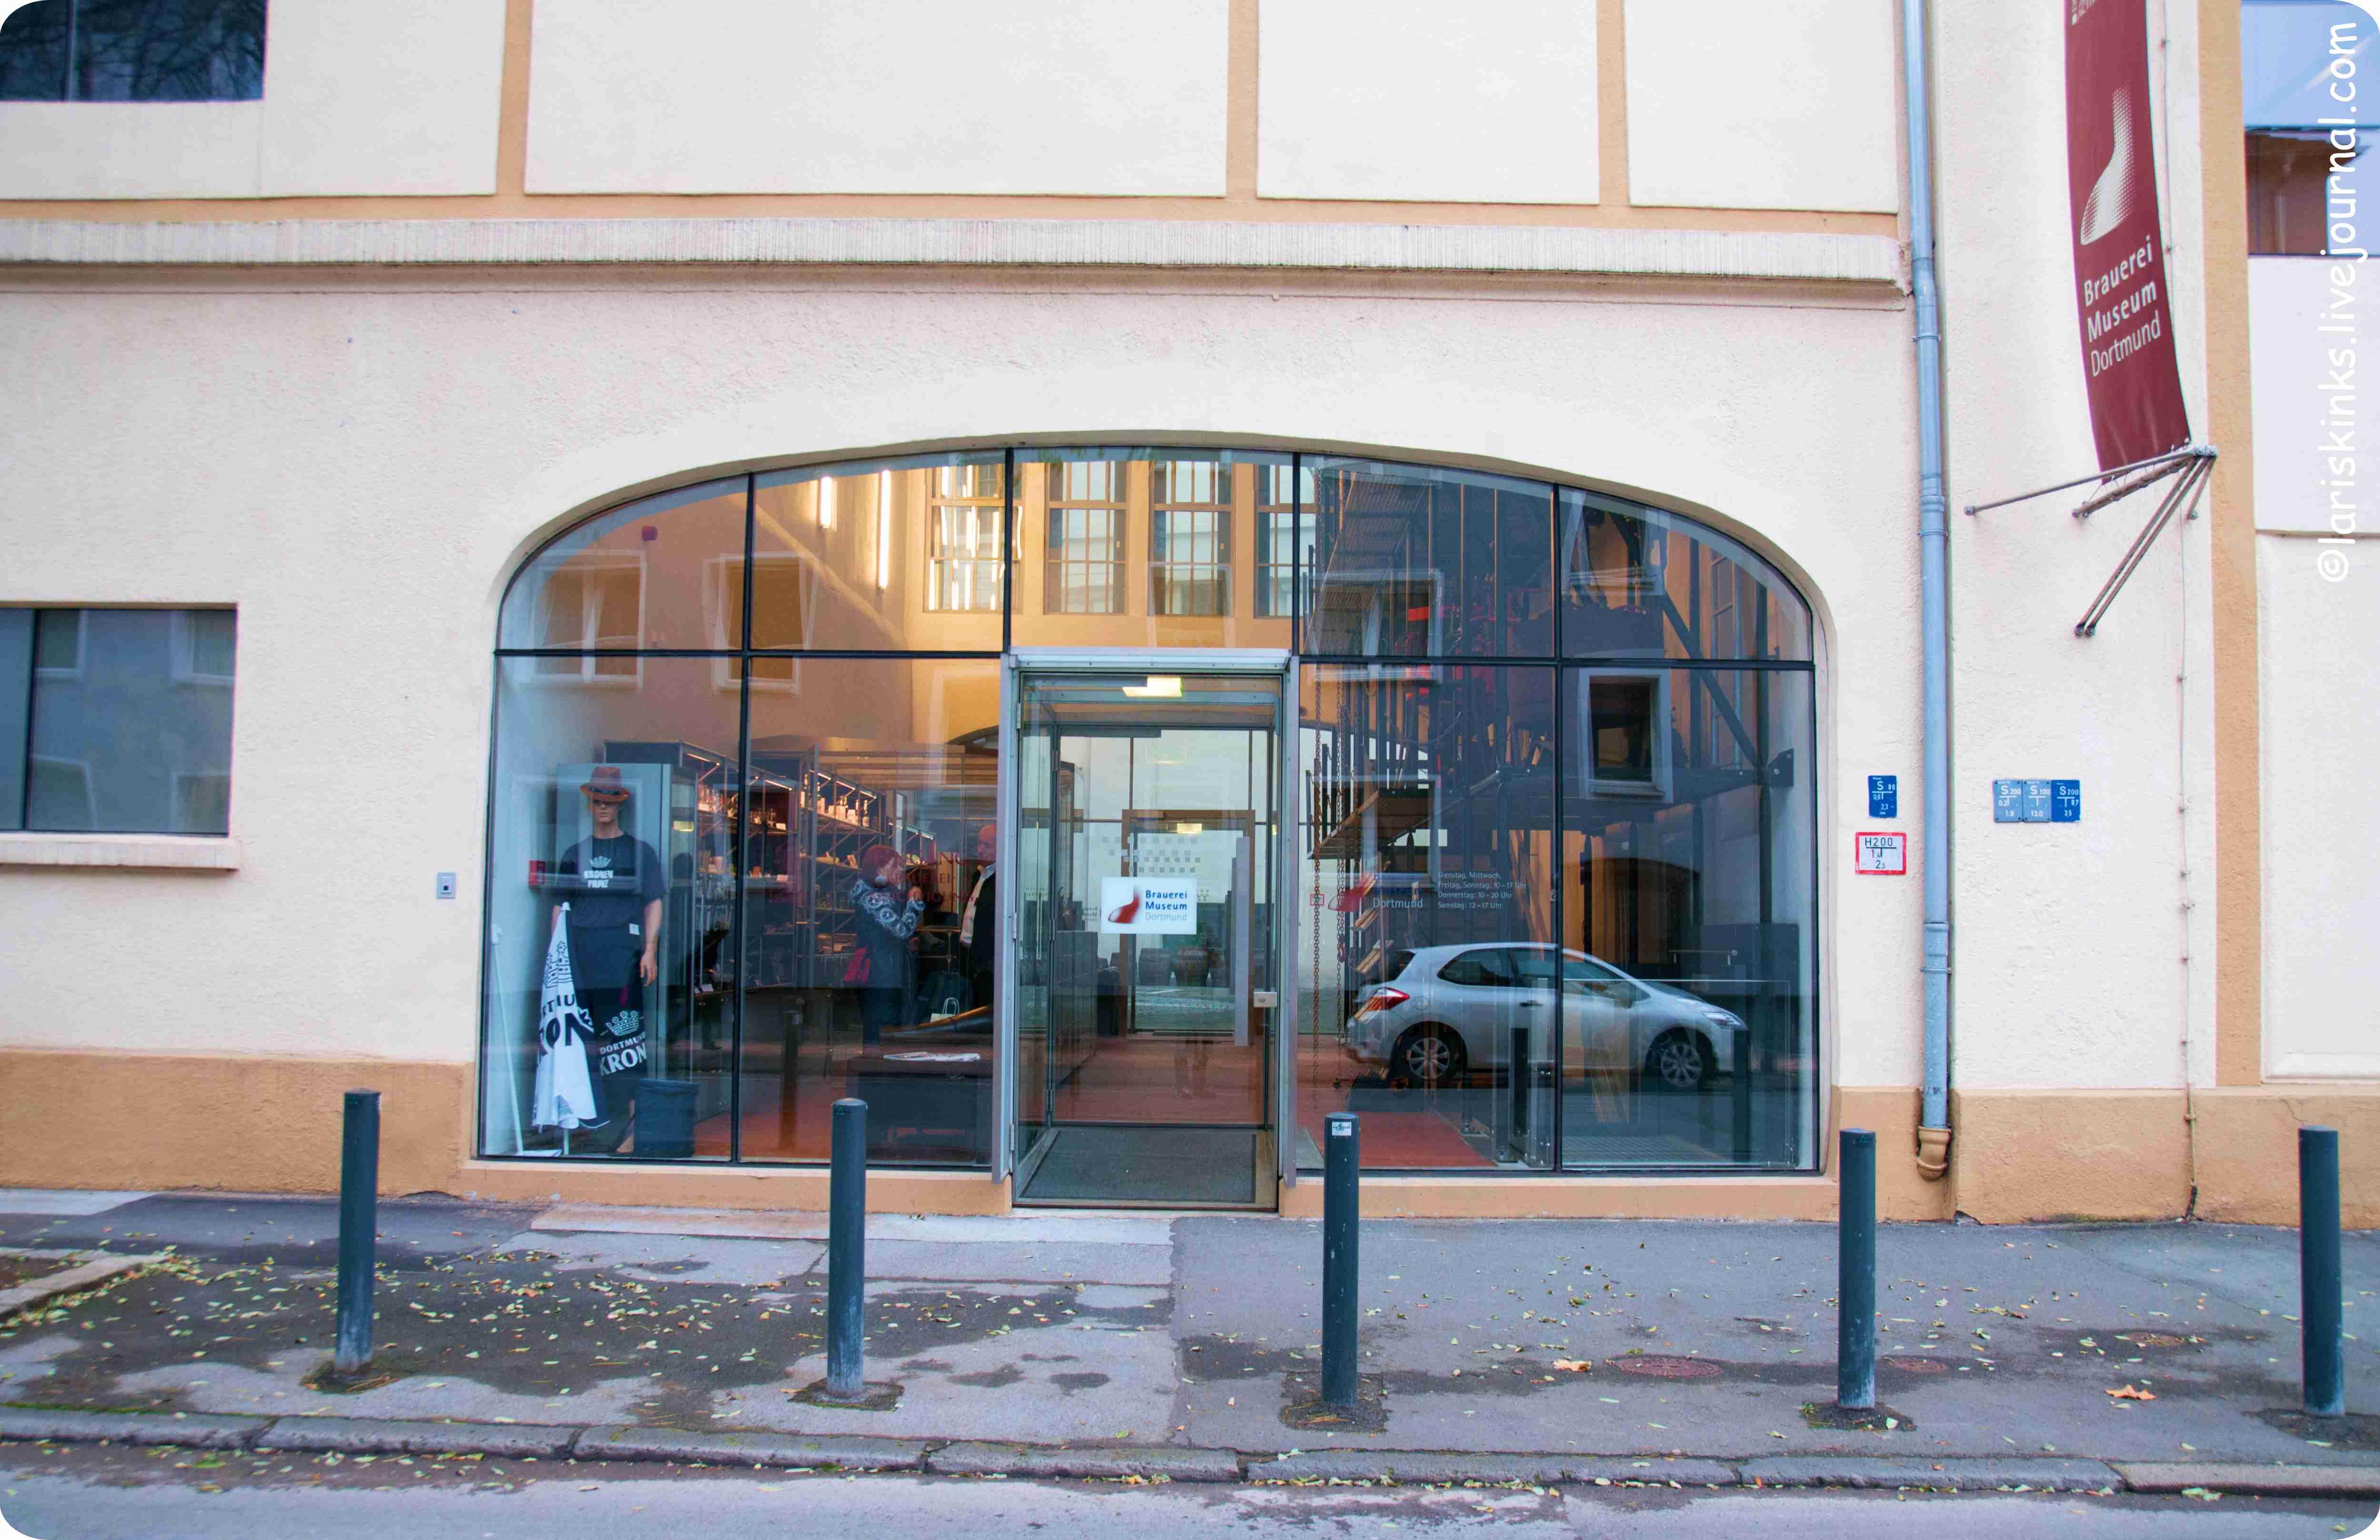 Вход в Музей пиоварения - Bauerei Museum (Дортмунд, Германия)